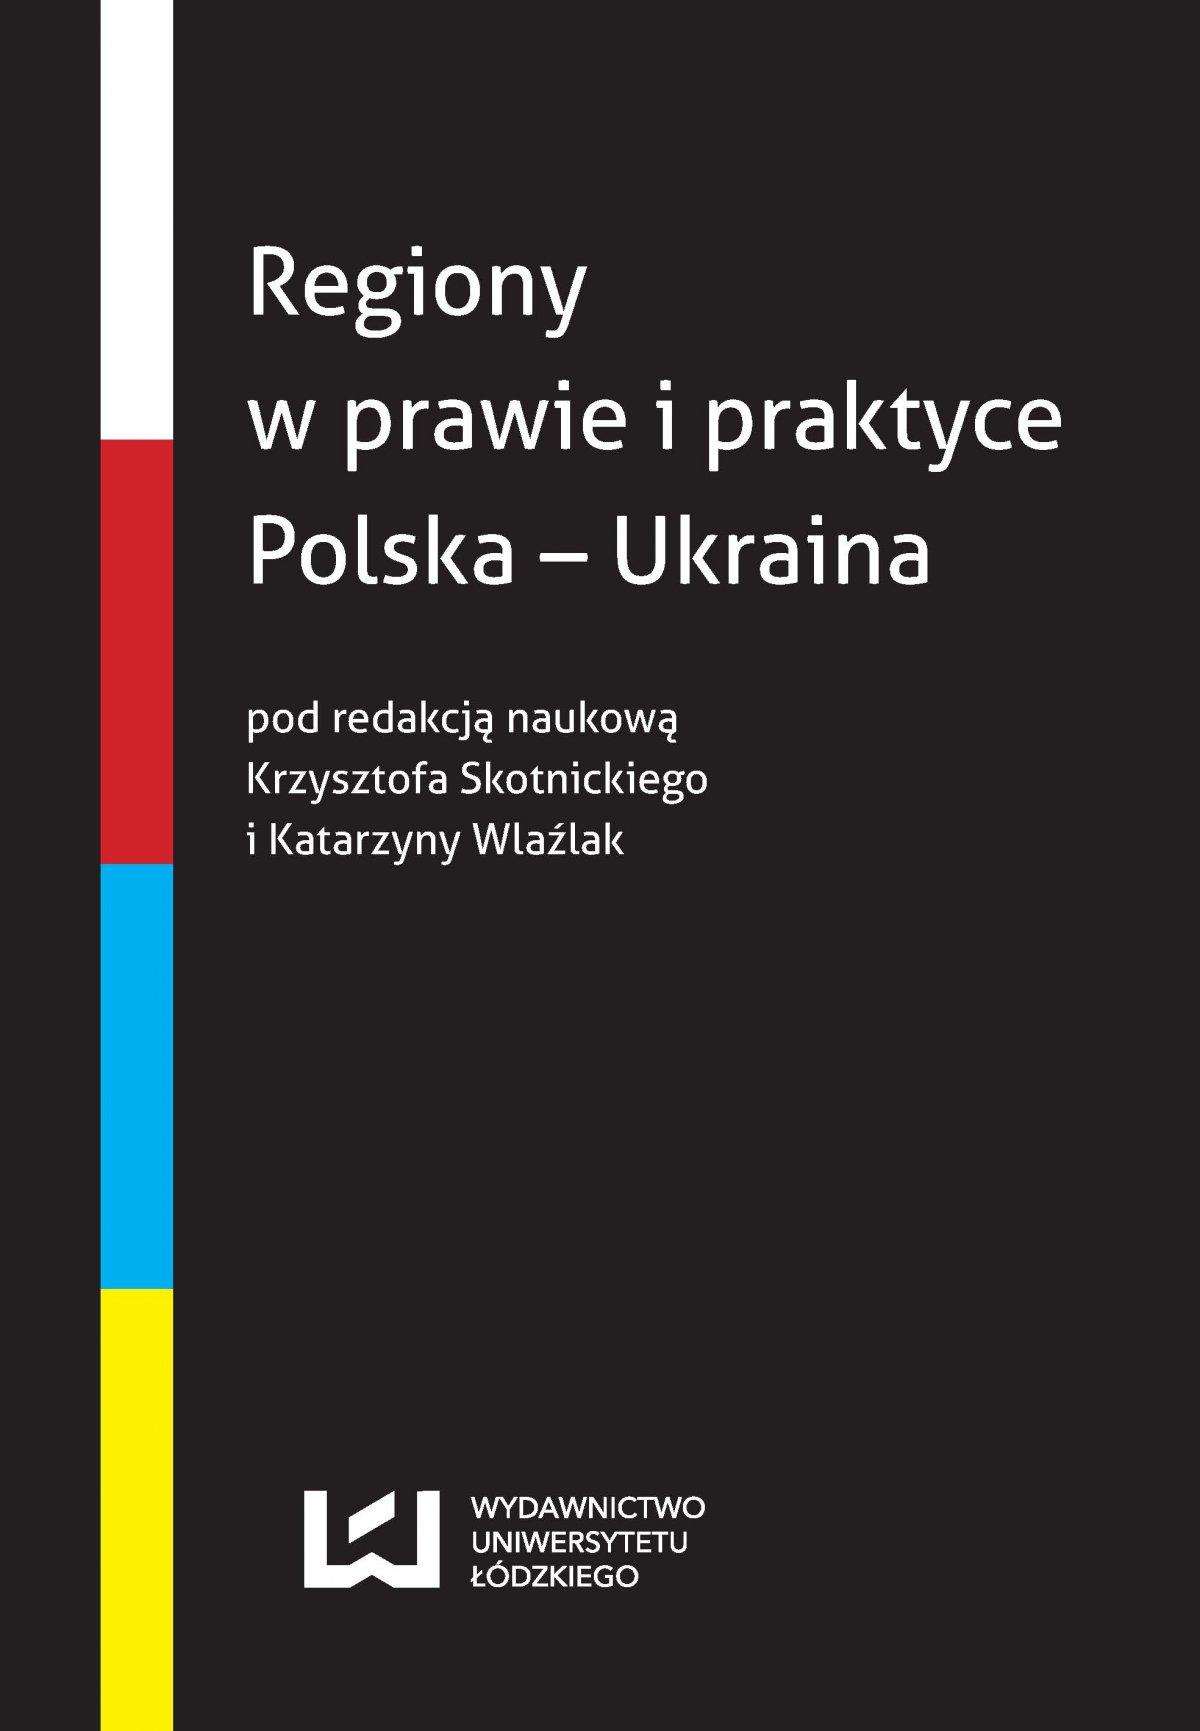 Regiony w prawie i praktyce. Polska – Ukraina - Ebook (Książka PDF) do pobrania w formacie PDF